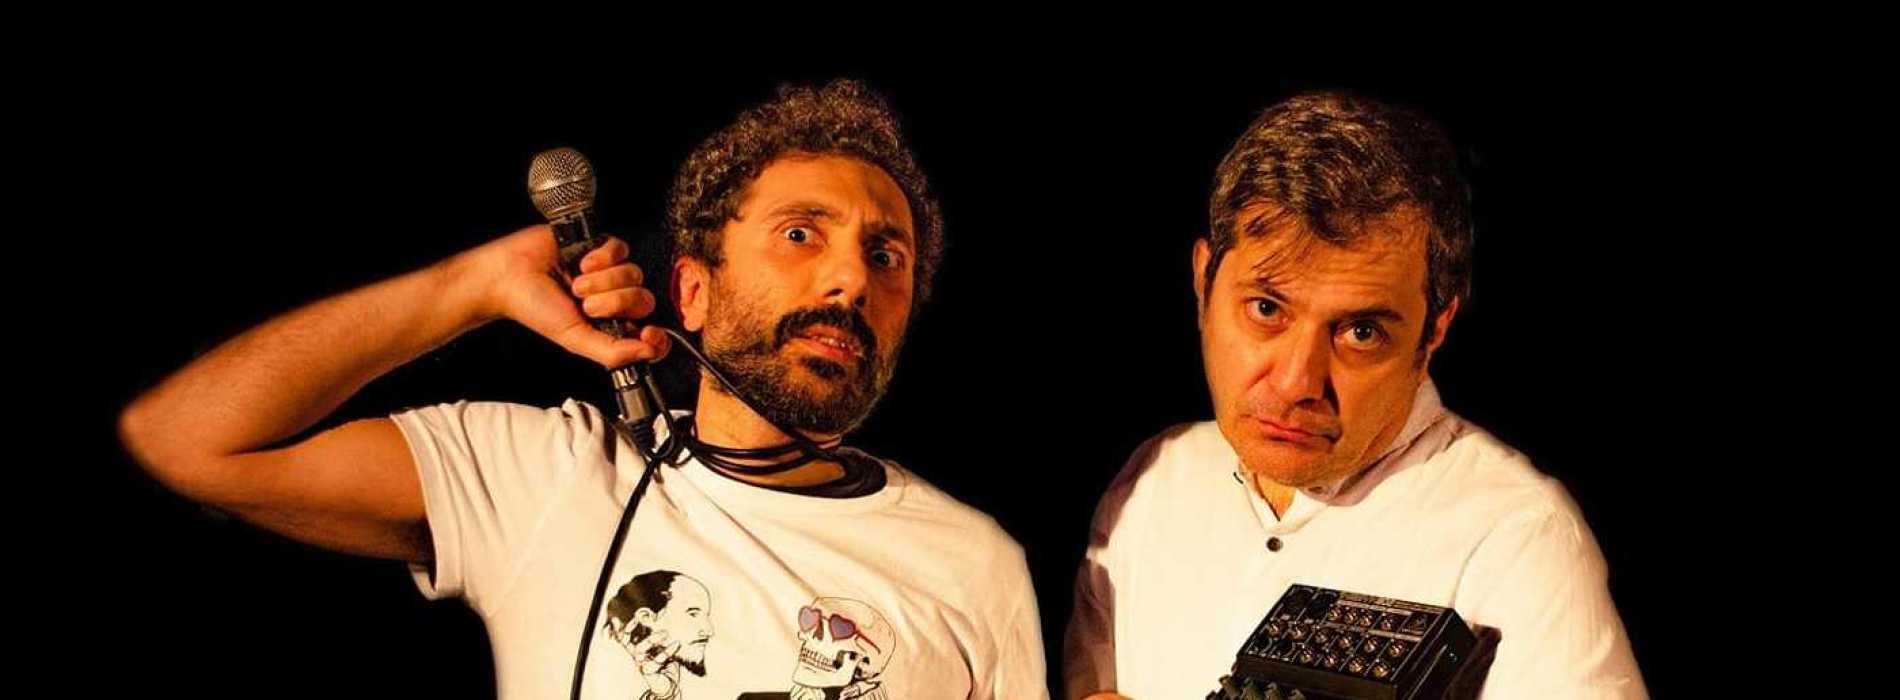 Teatro Civico 14 di Caserta, è in scena l'amore secondo Tirelli